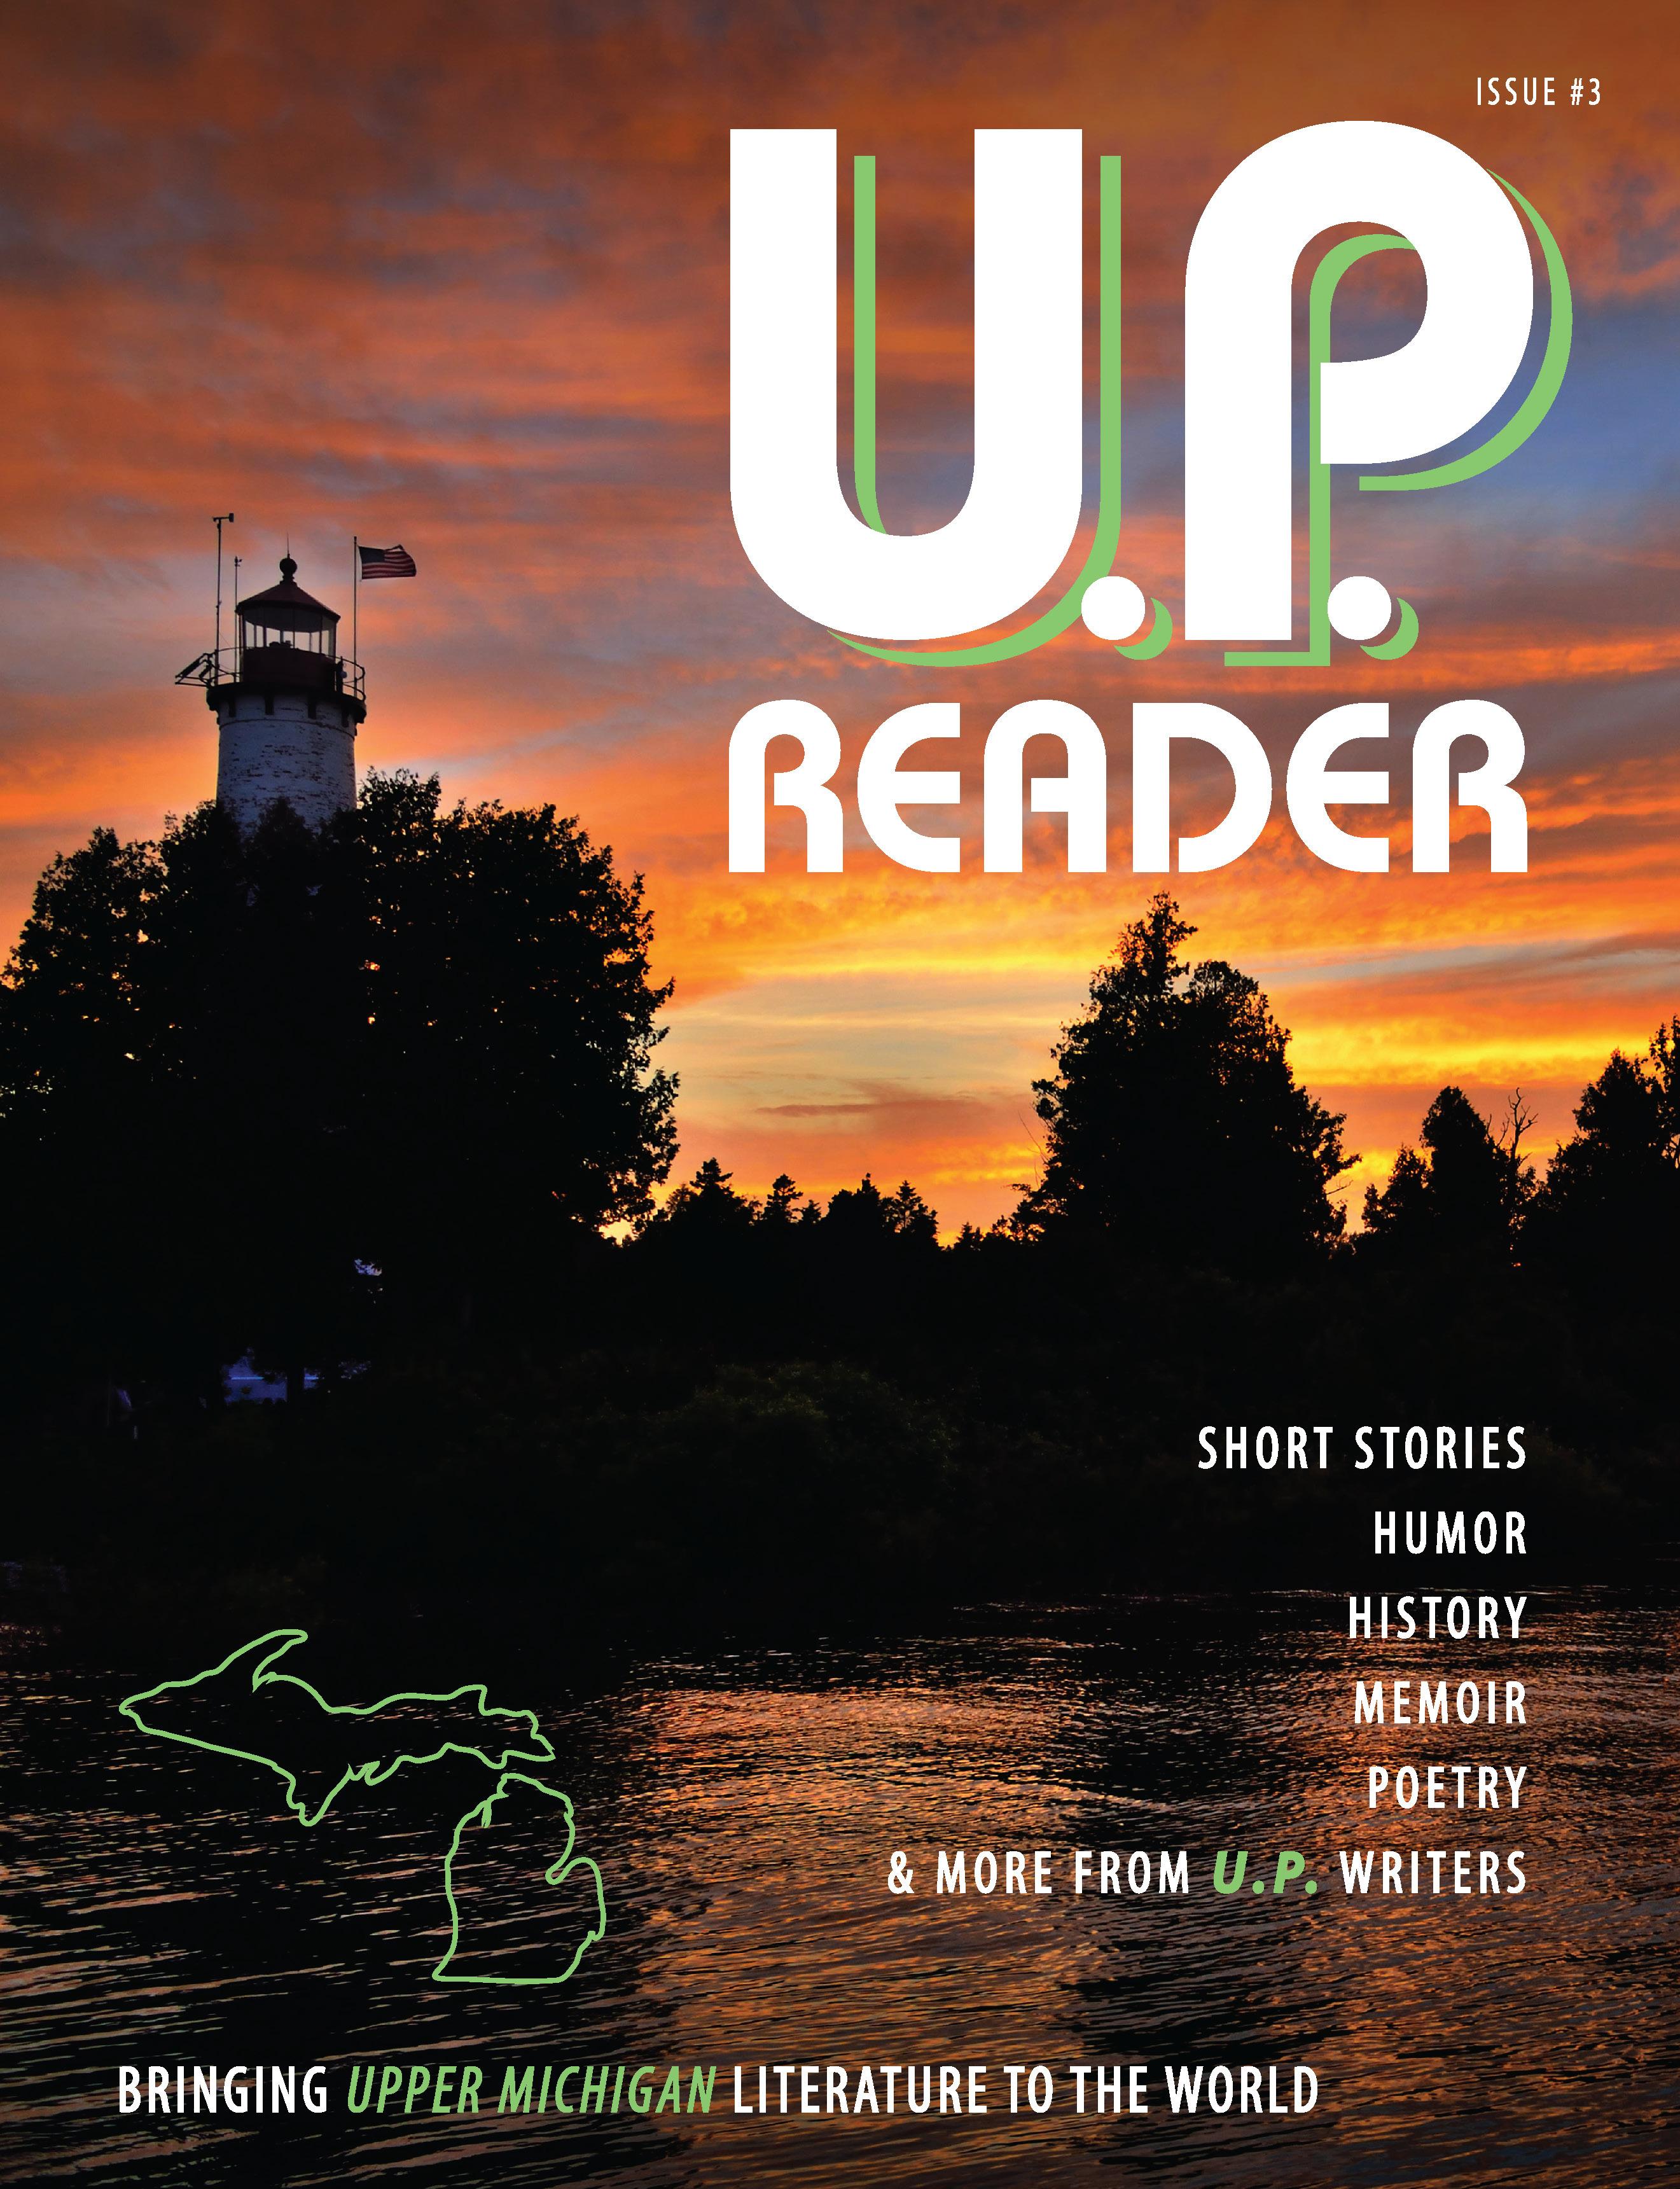 U.P. Reader -- Issue #3 [HC] 978-1-61599-448-9